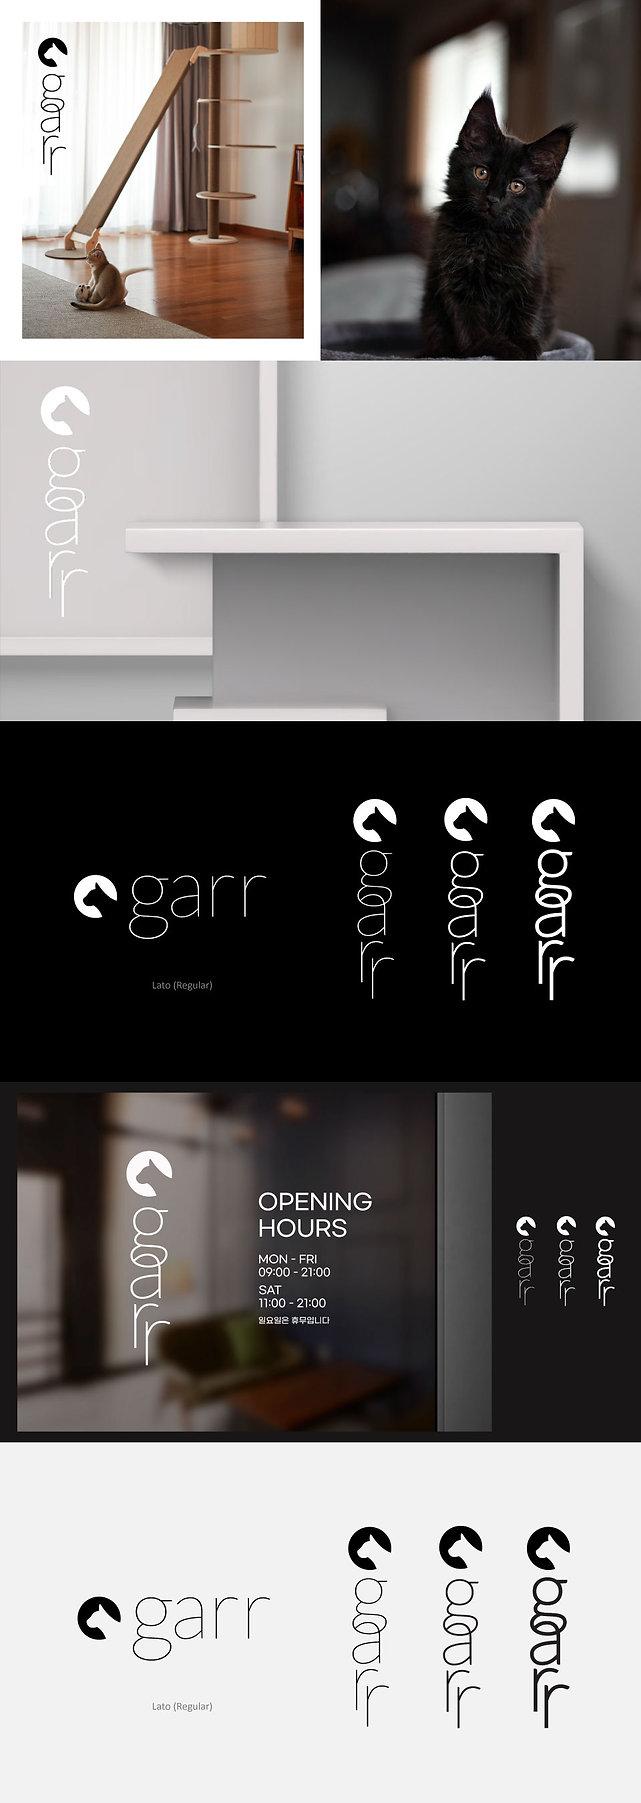 Garr_BI-.jpg